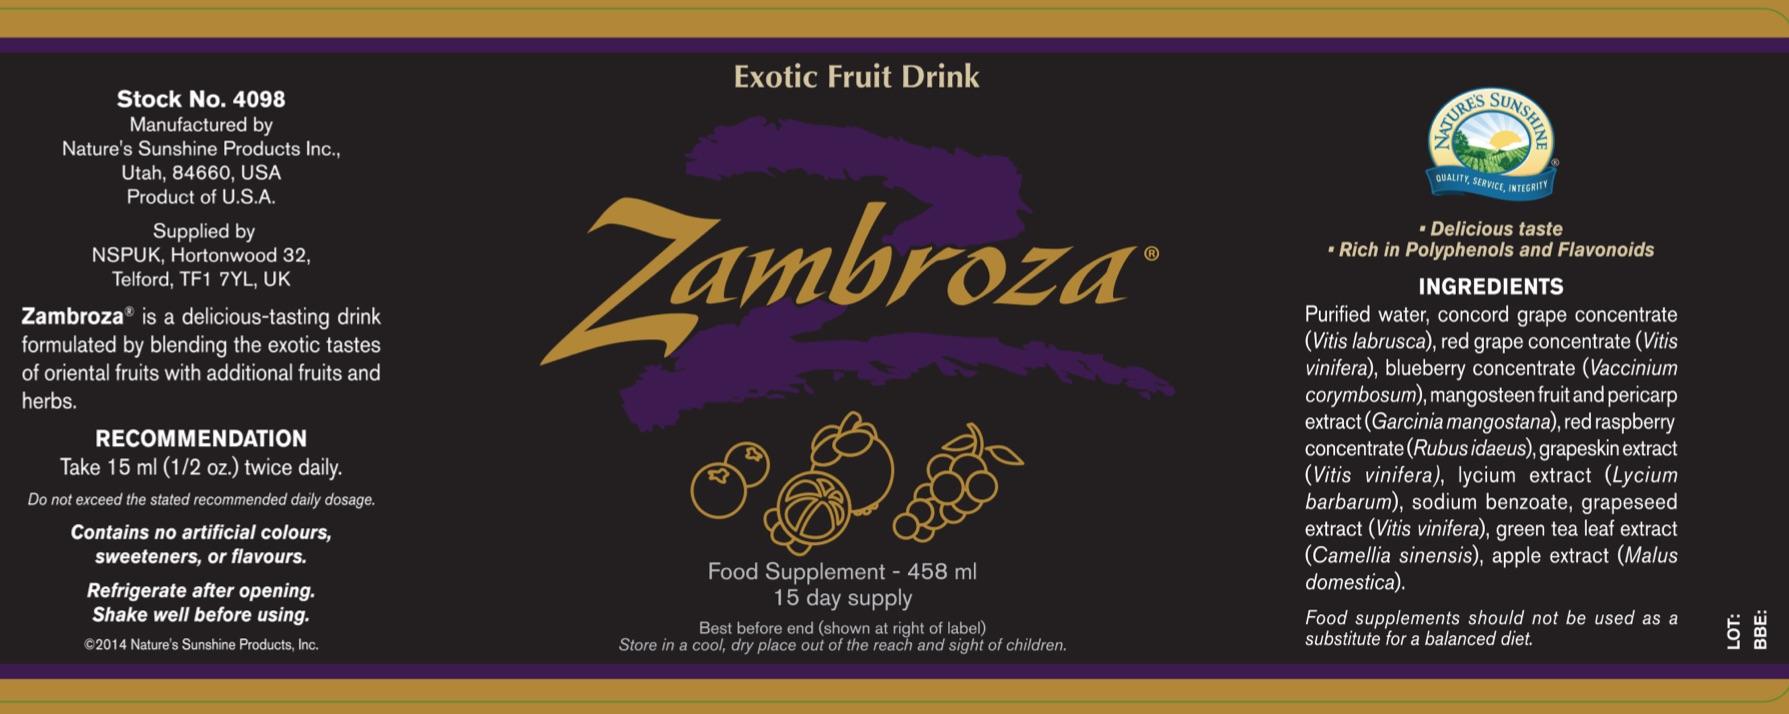 Nature's Sunshine - Zambroza - Label